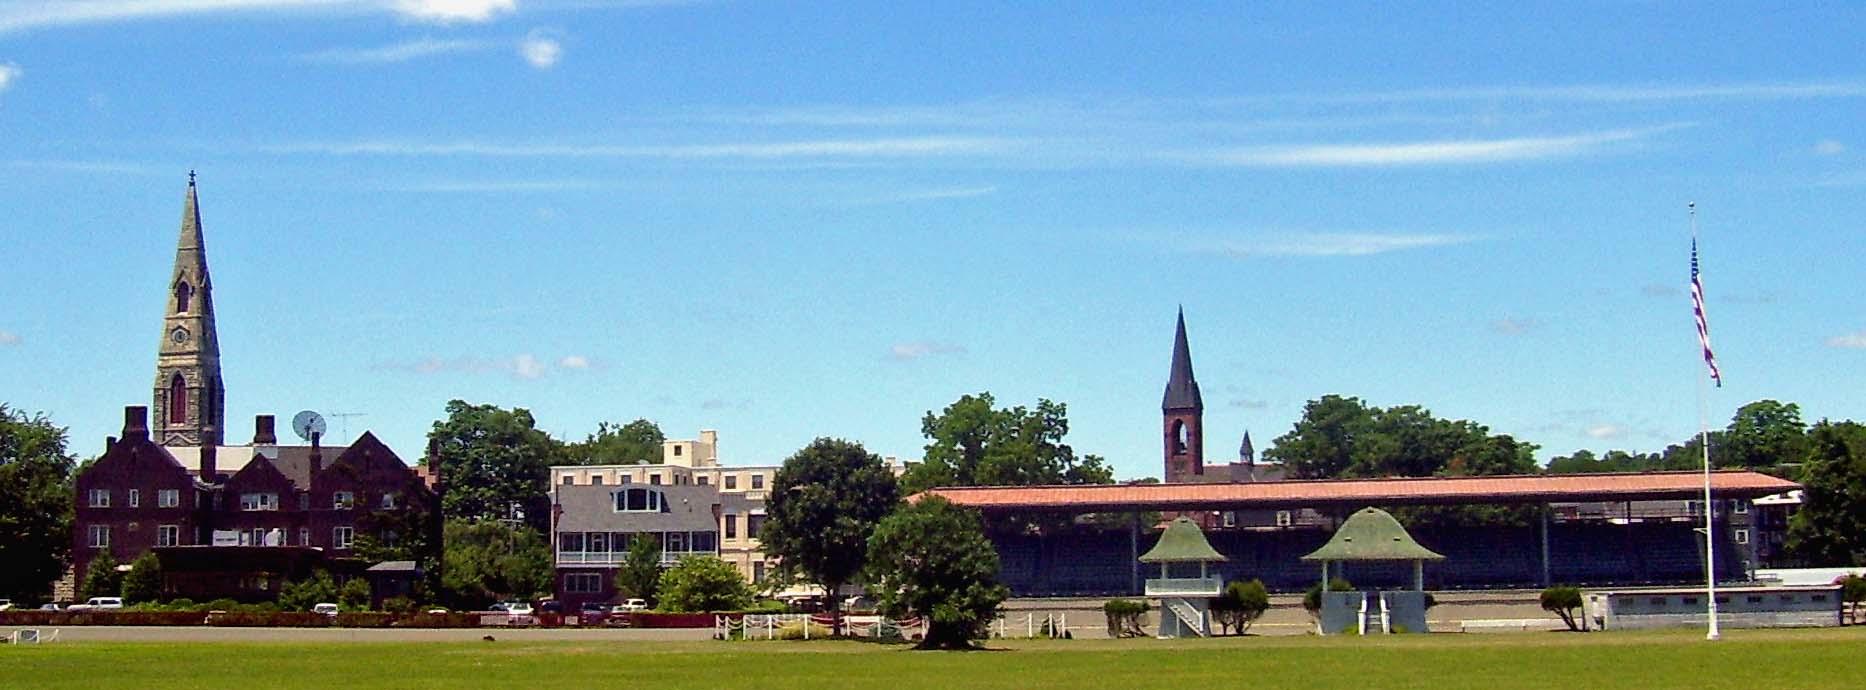 Goshen,_NY,_skyline_from_ ...goshen village